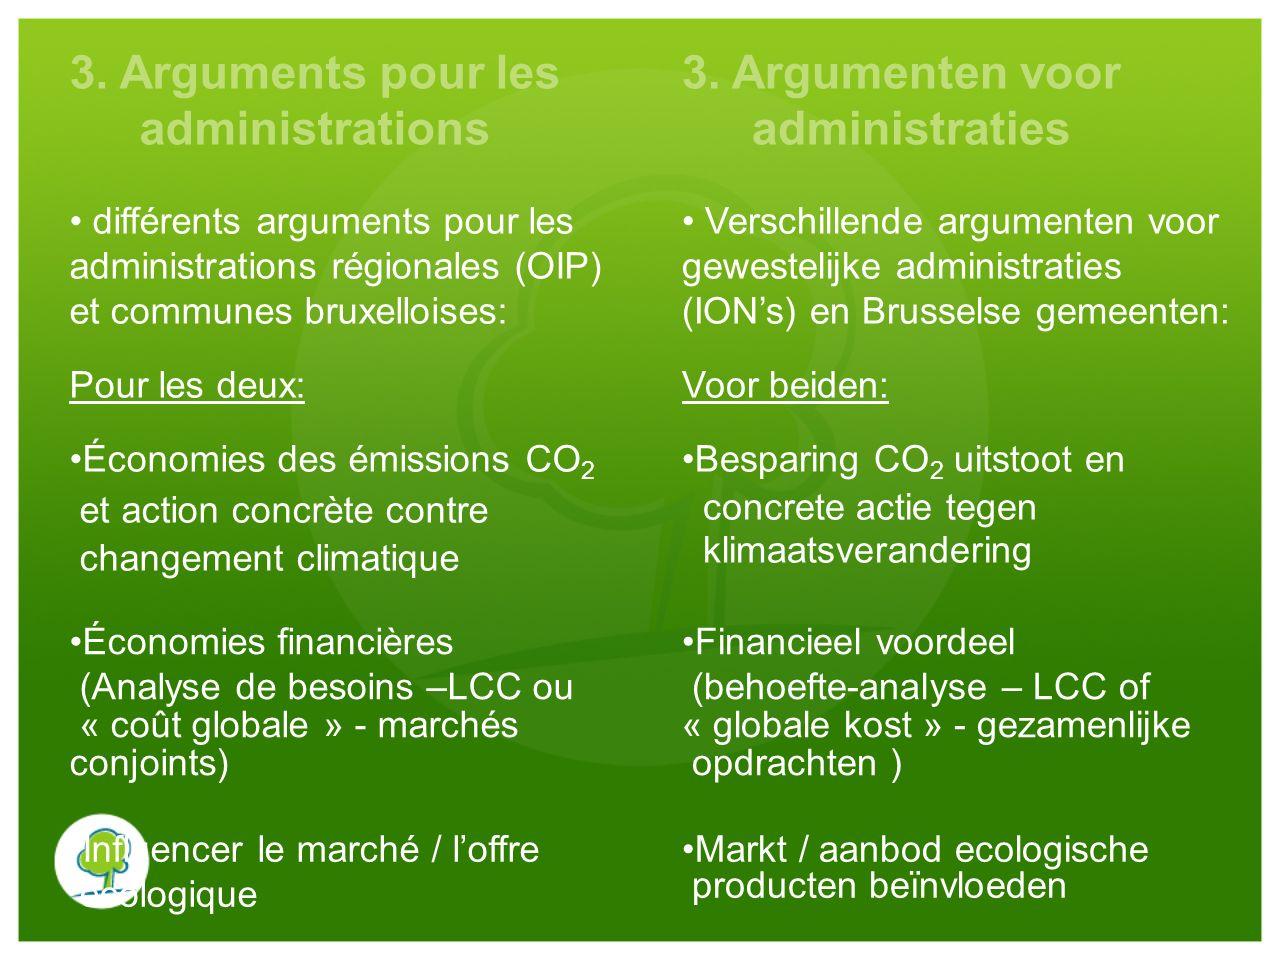 3. Arguments pour les administrations